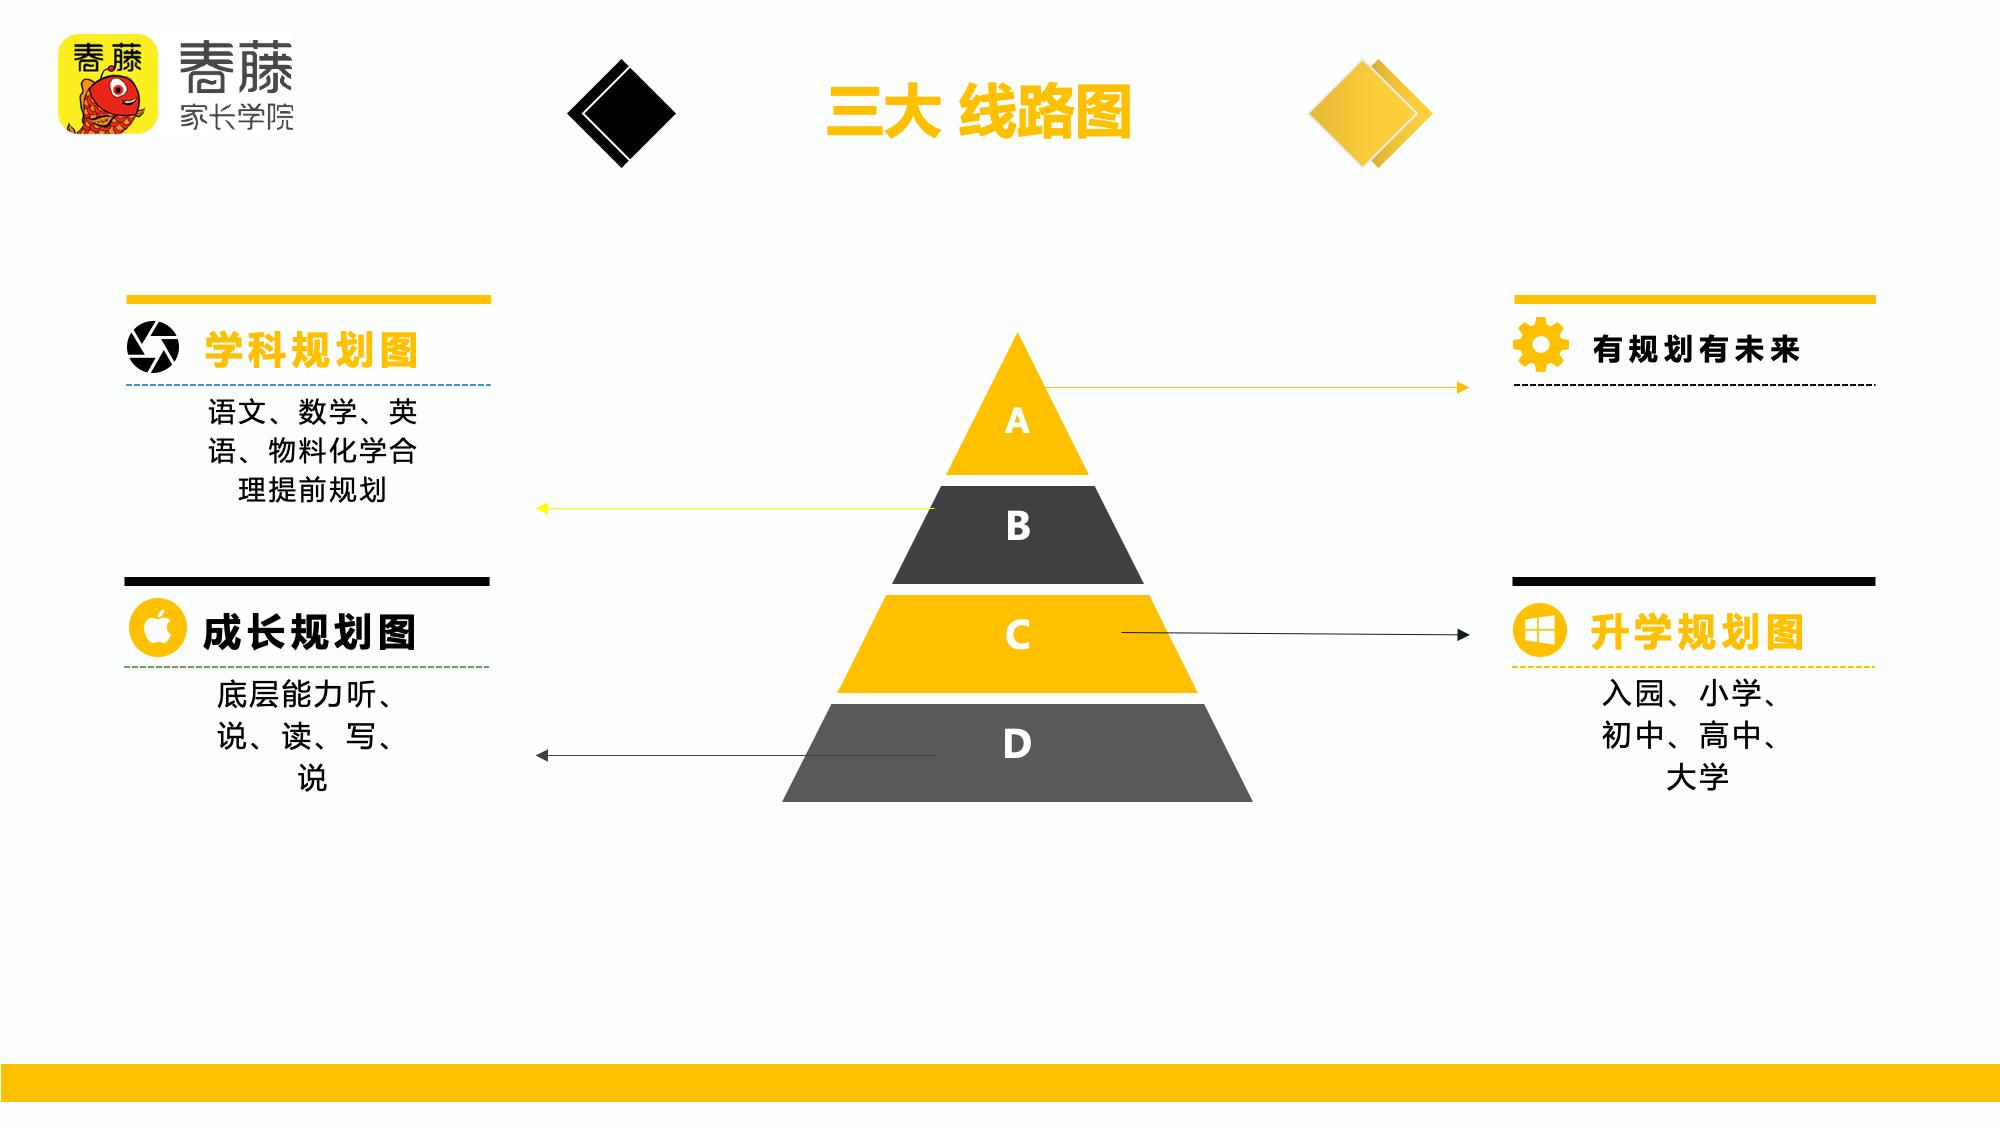 【数据拆解】未来春藤合作伙伴的经济权益